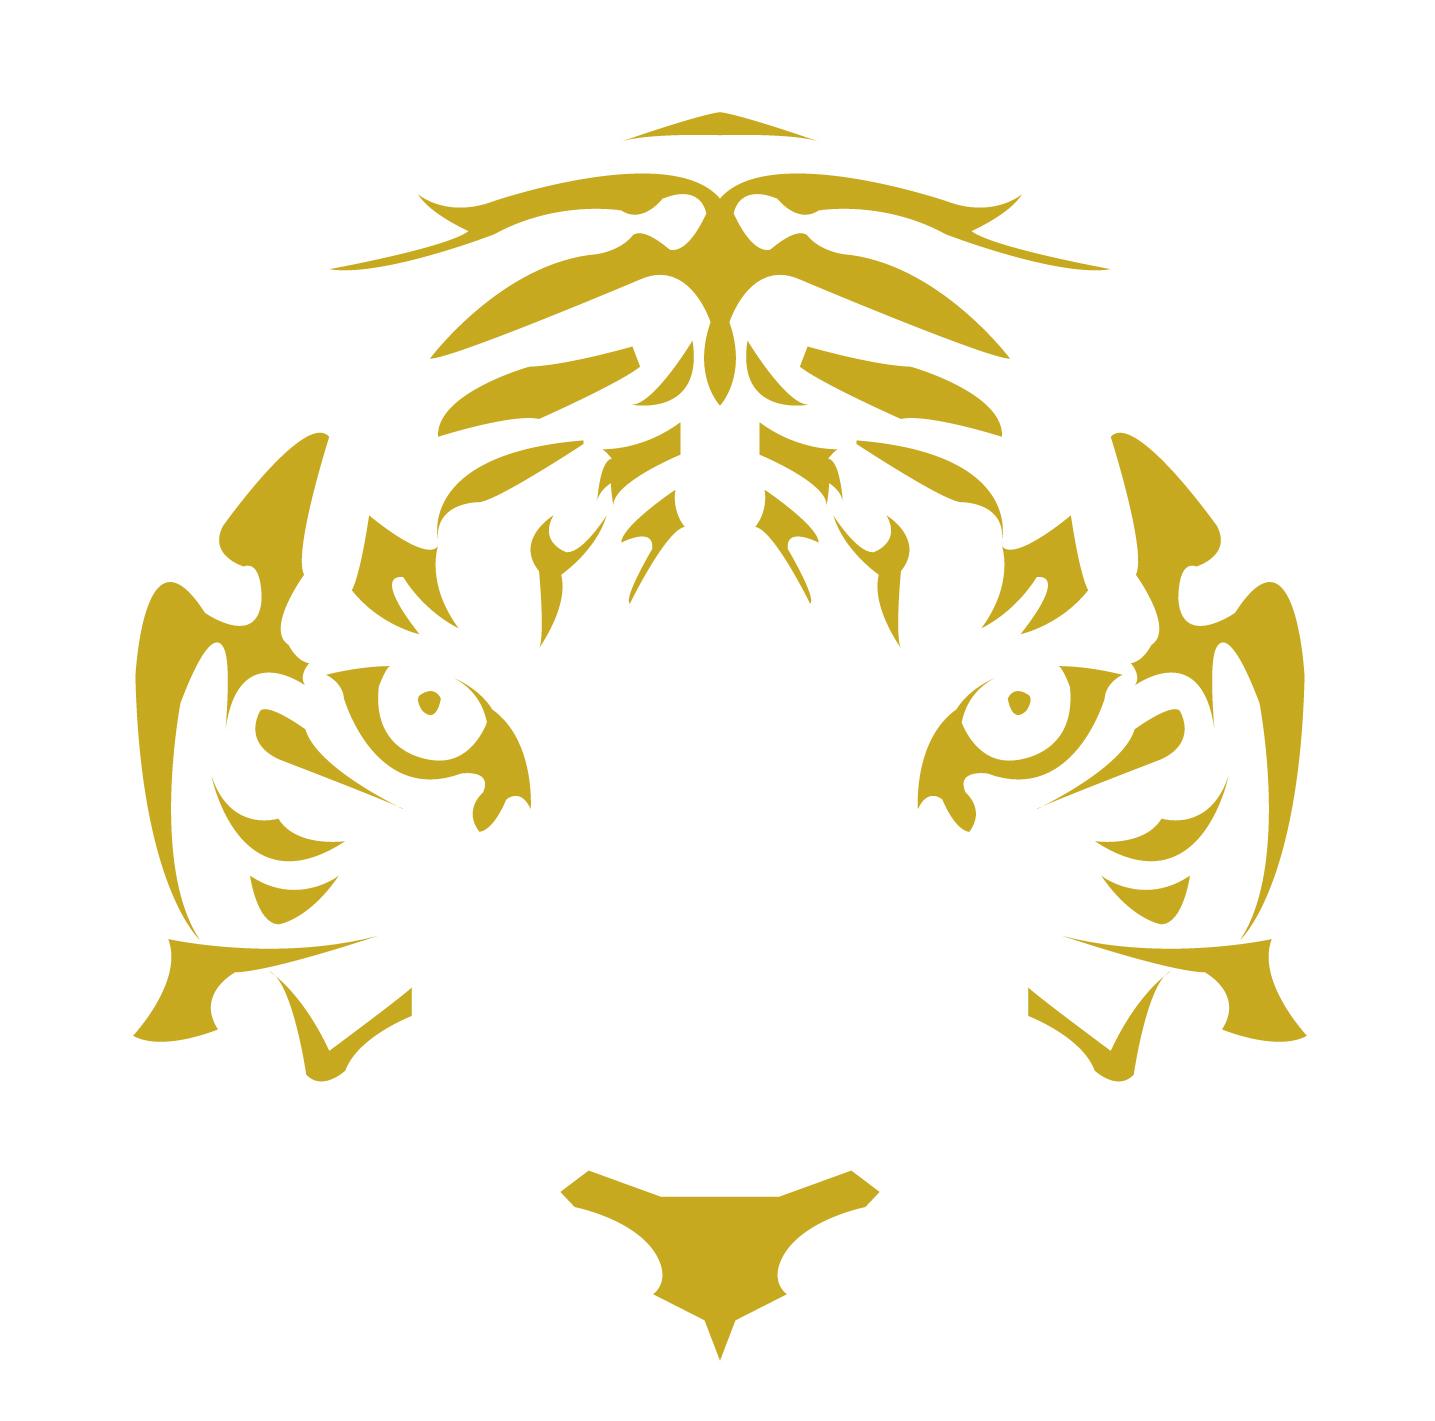 Tassels & Tigers themed interiors